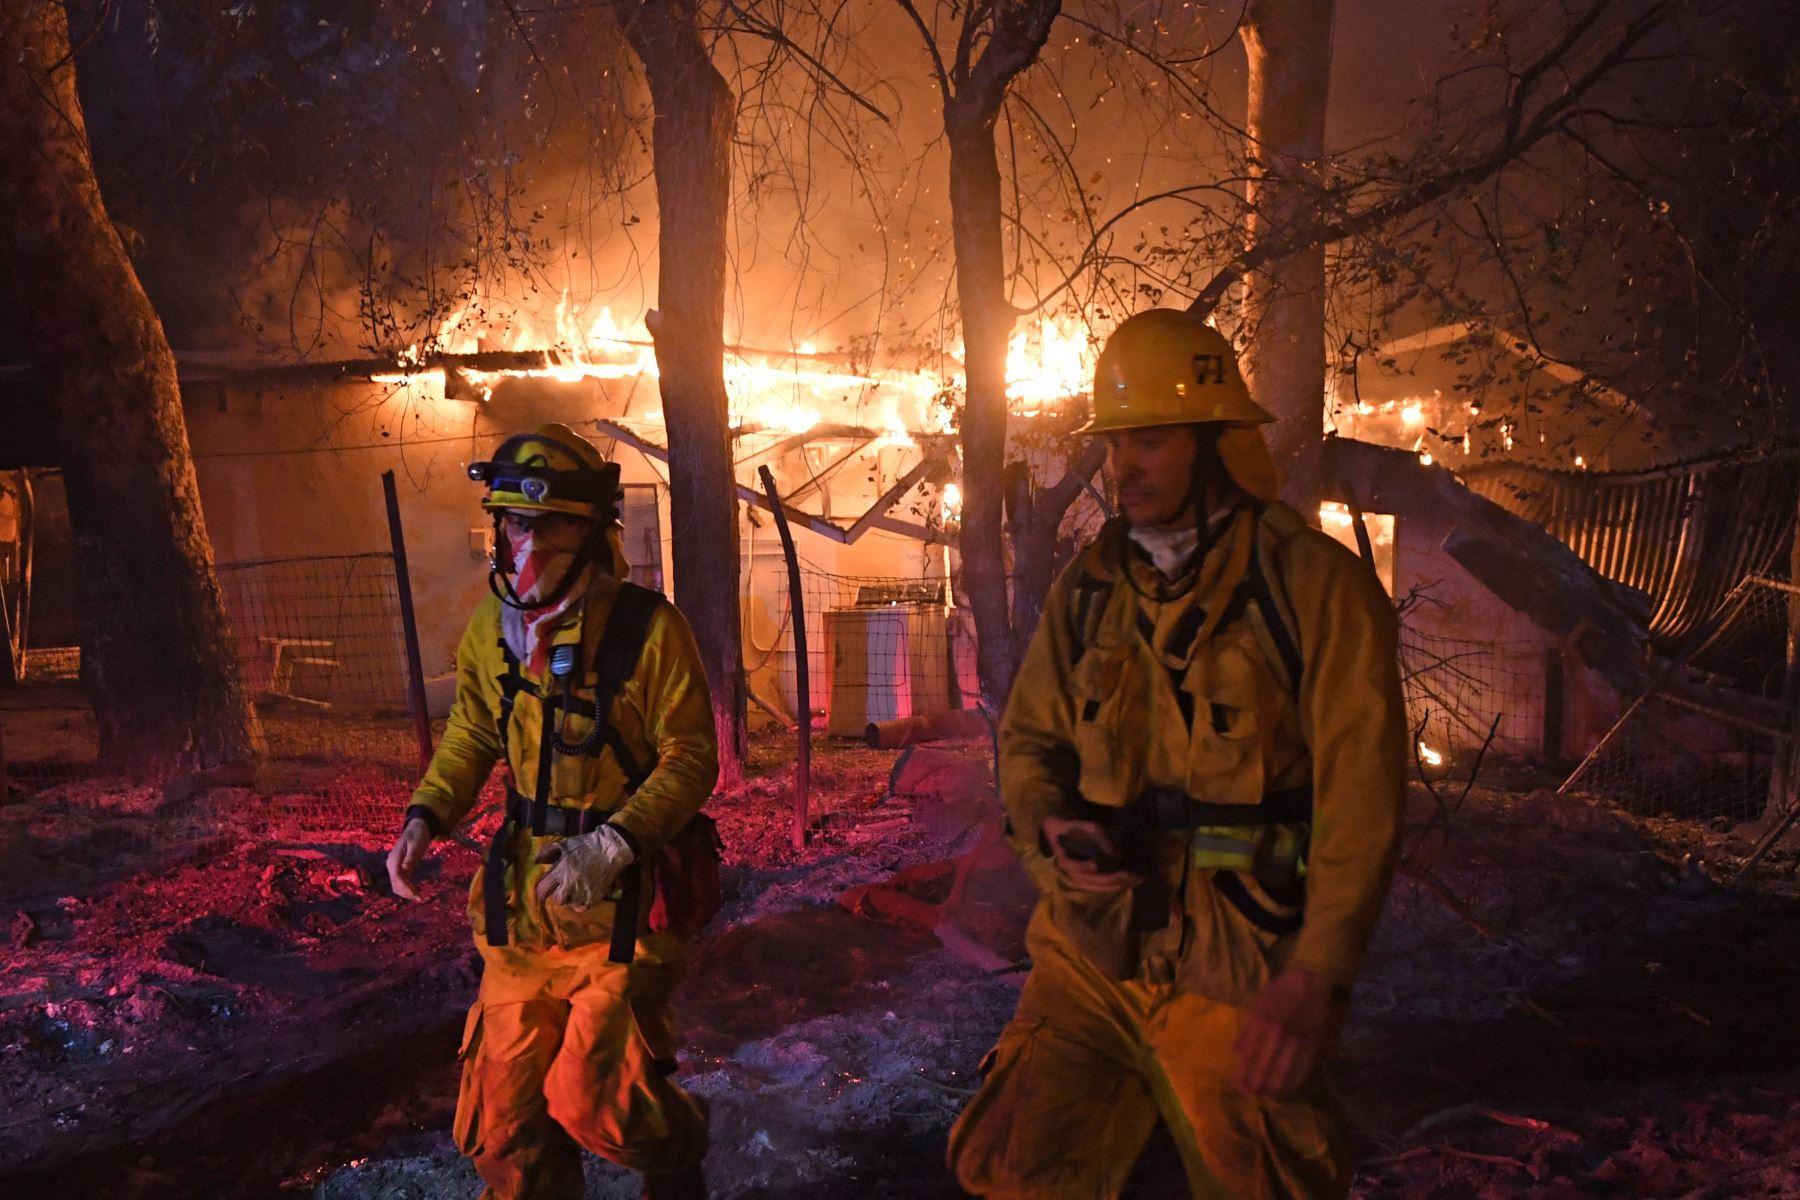 Bomberos se alejan de una casa en llamas en California. Foto: AFP